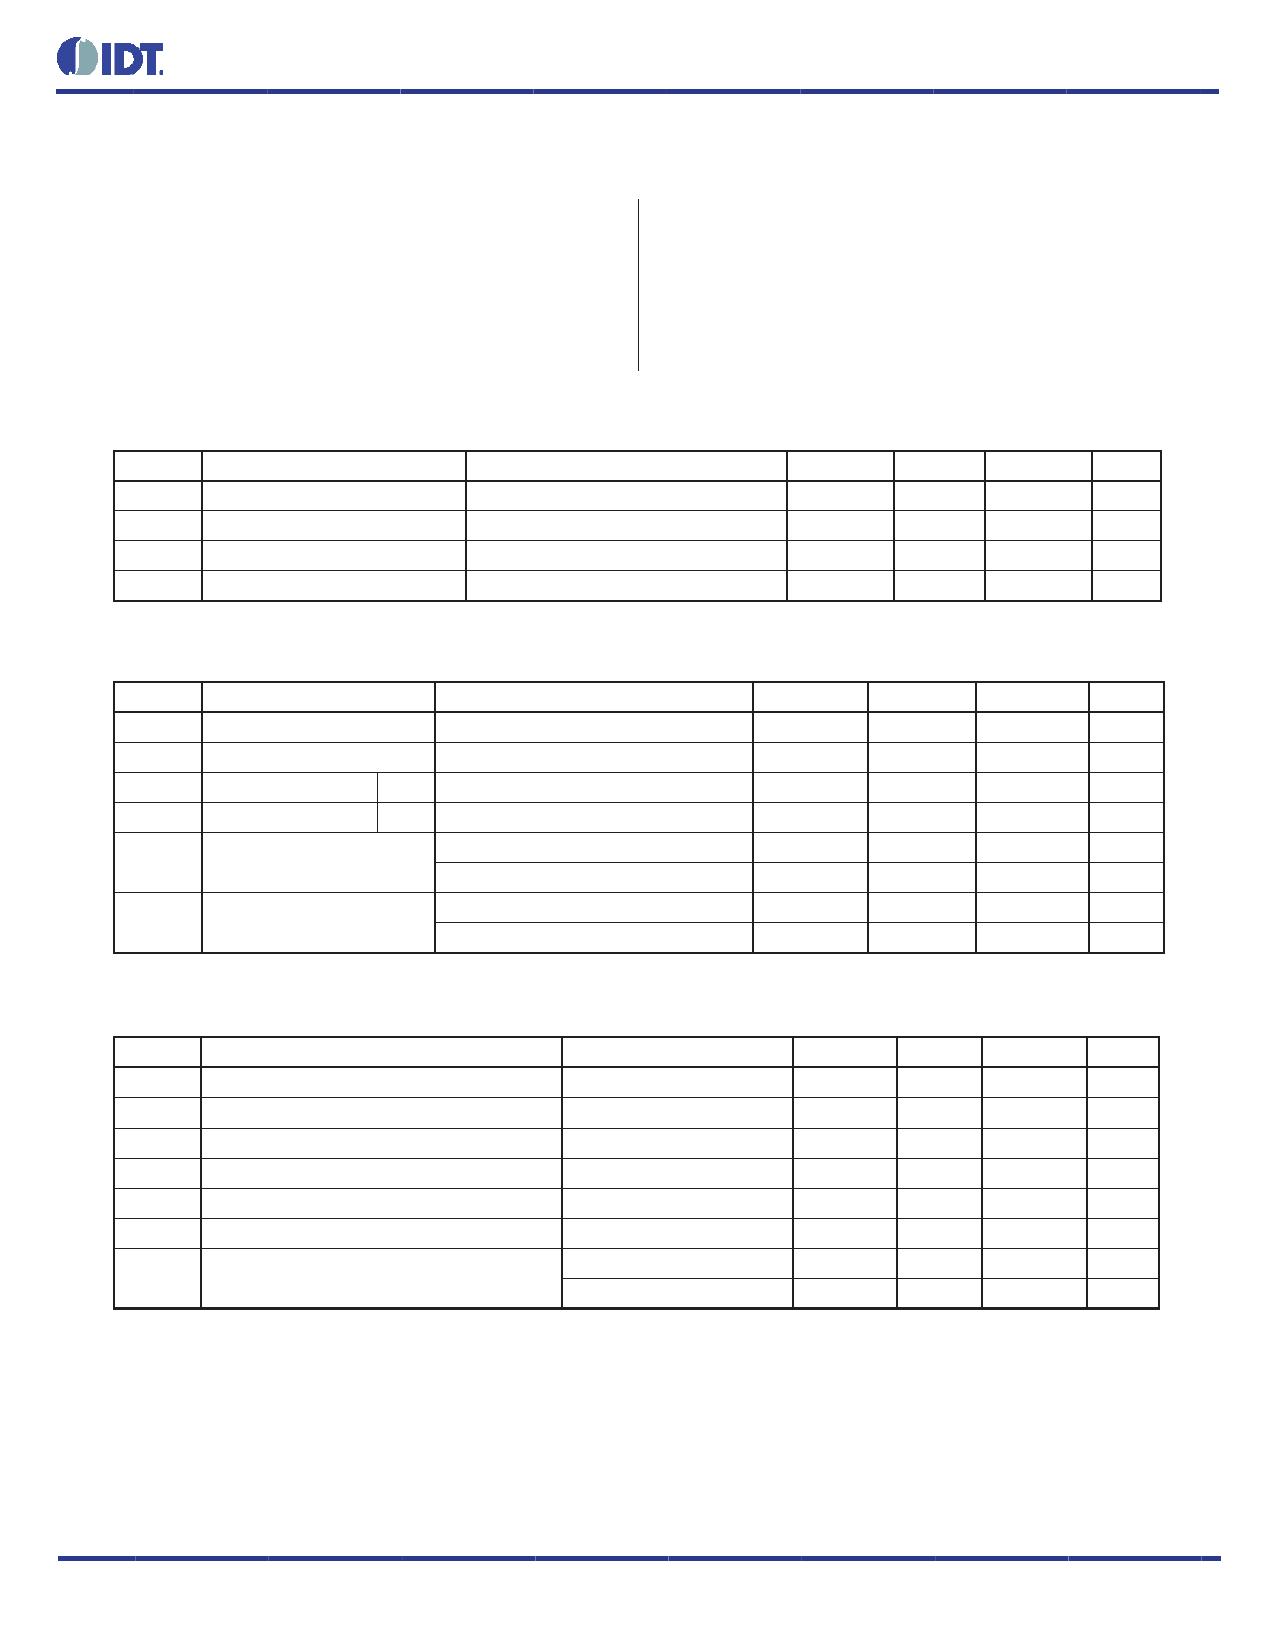 8302 pdf, 電子部品, 半導体, ピン配列